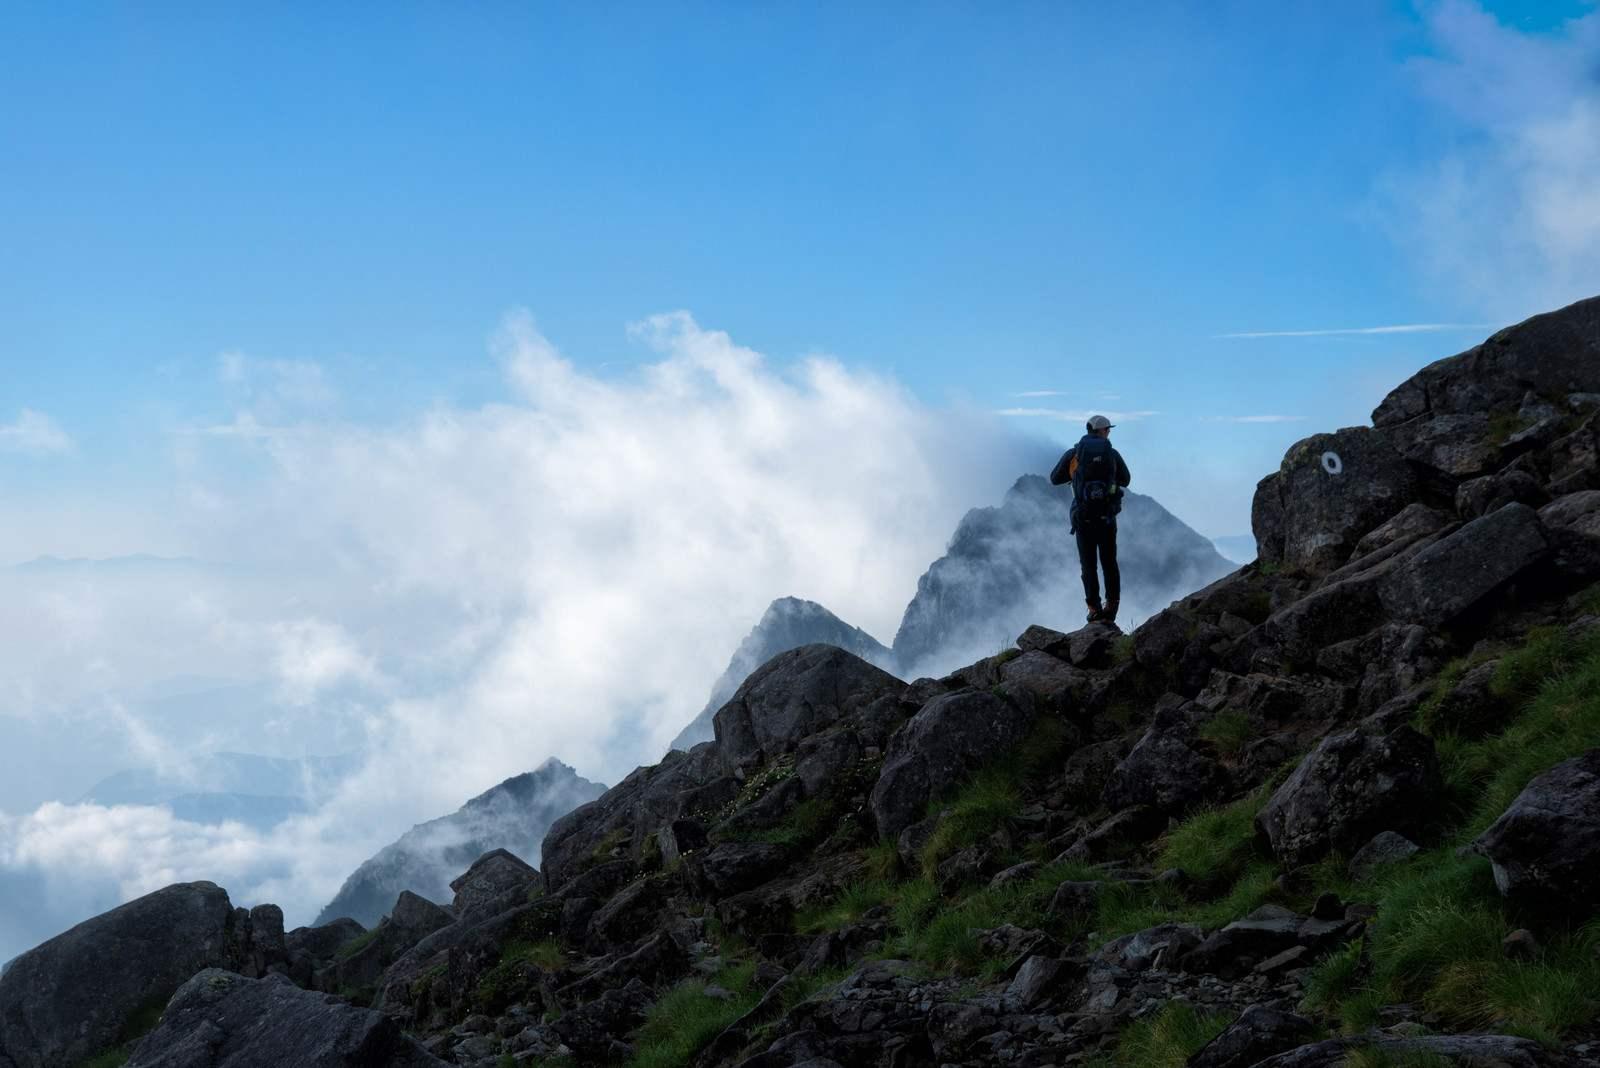 山にまつわる怖い話『妻の荷造り』|洒落怖・山の怪談